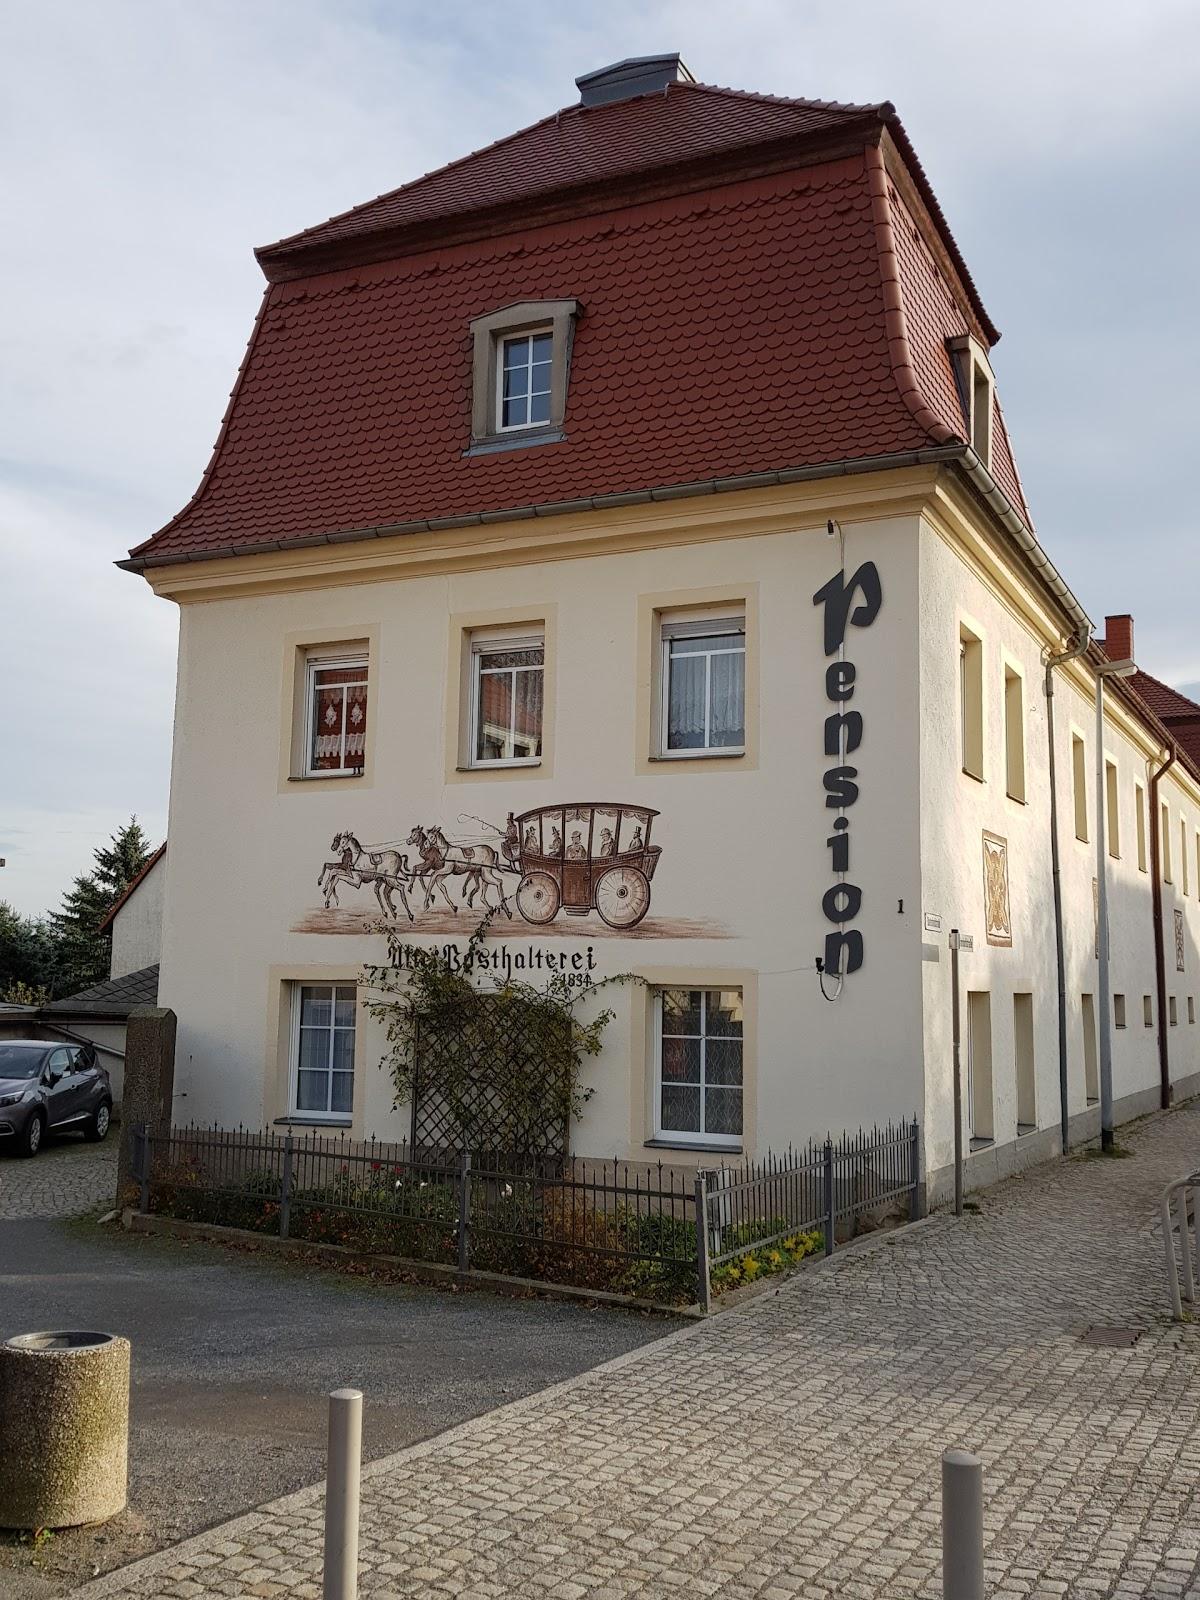 Hotel Landhaus Moritzburg - Germany - Tripcarta